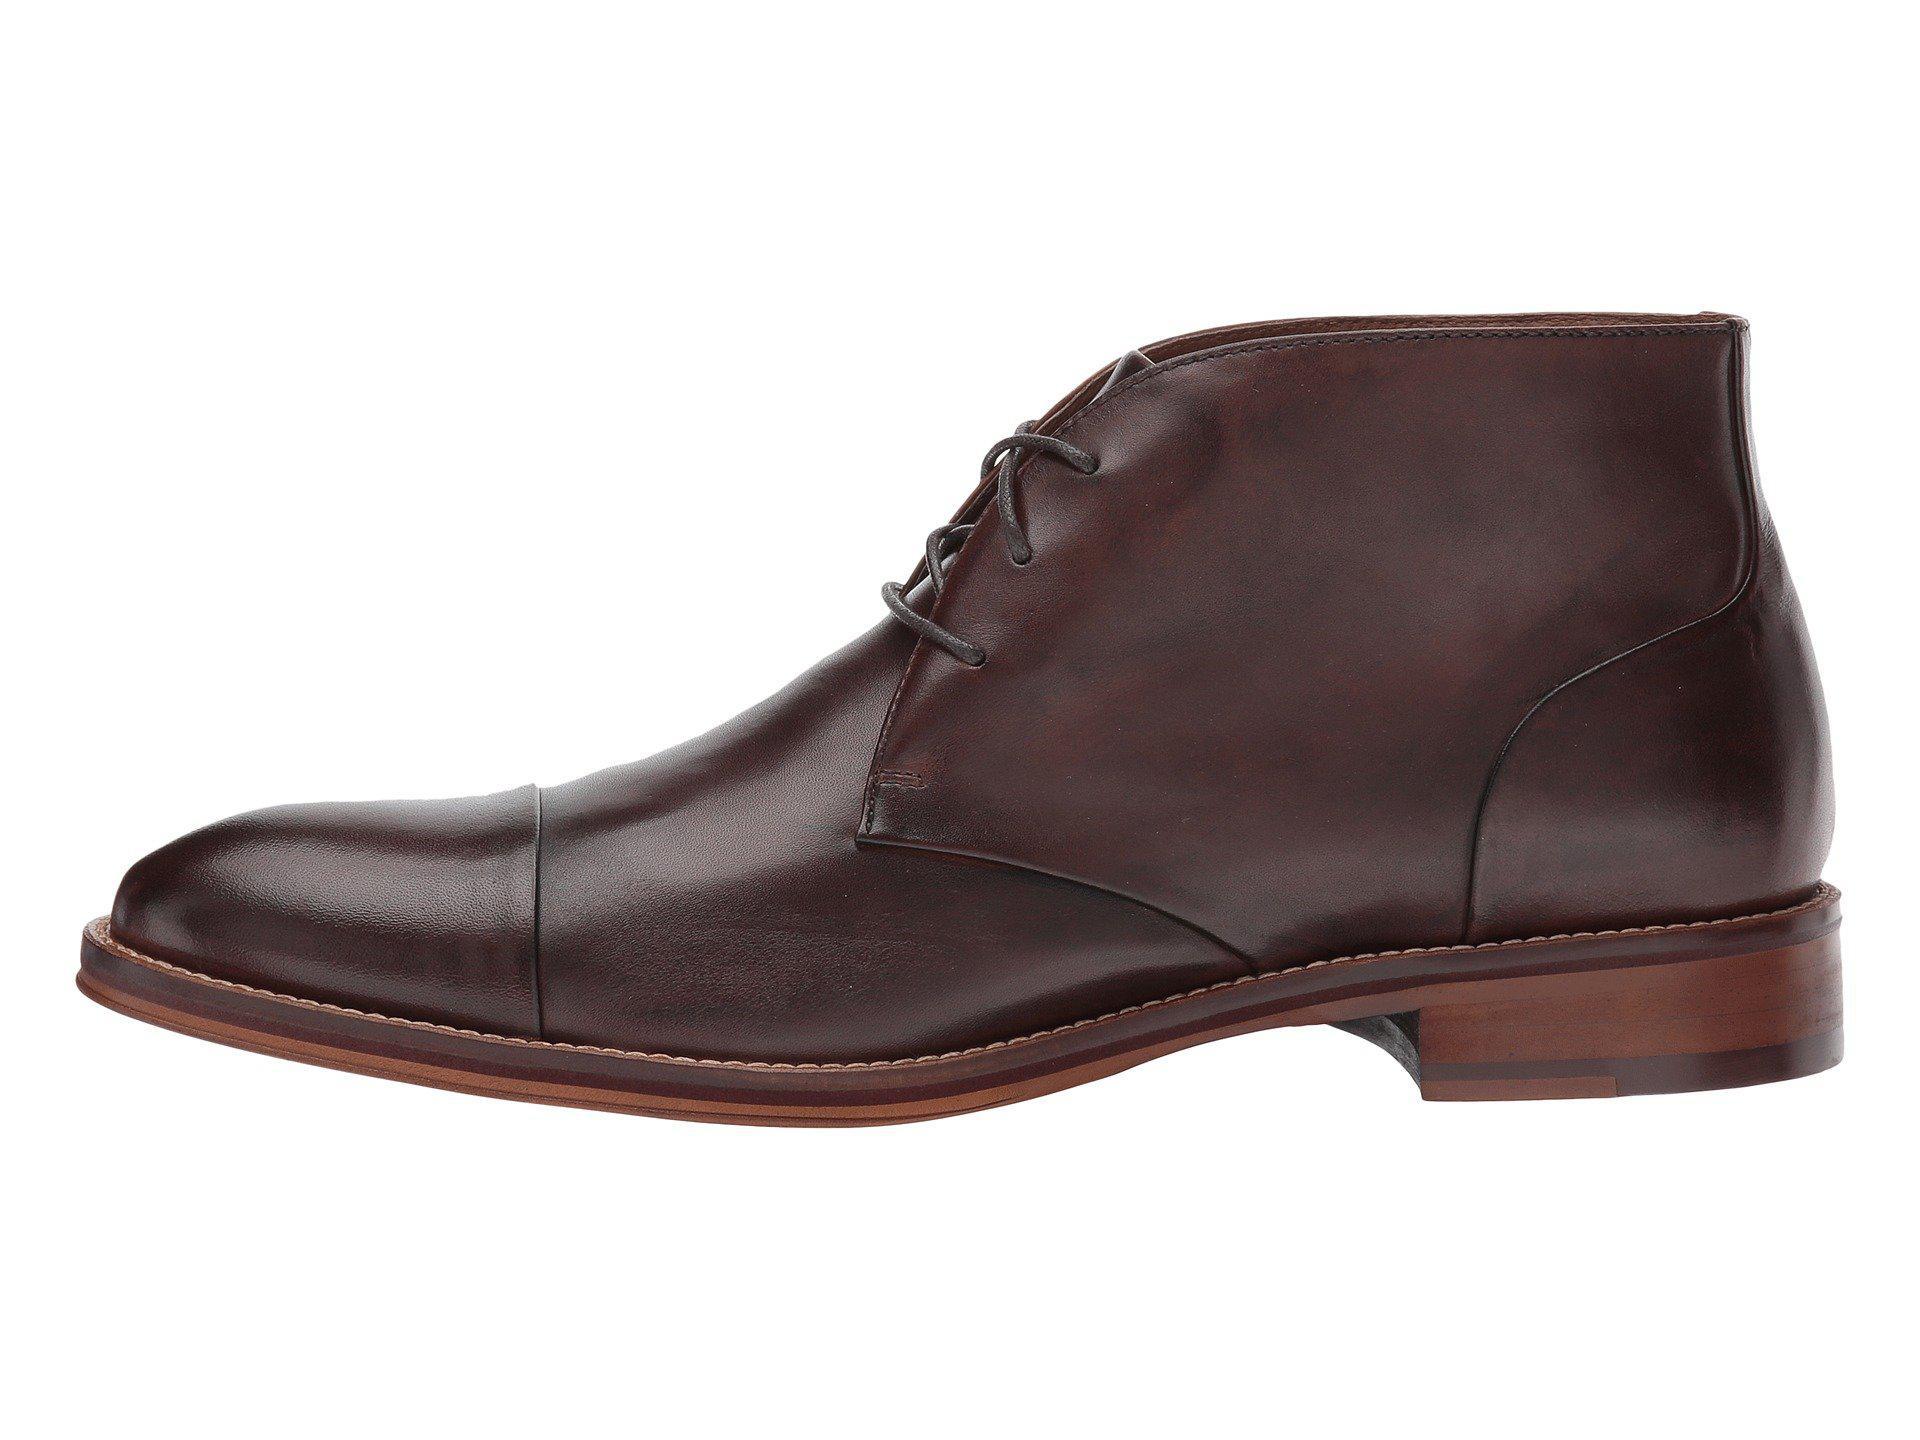 Johnston \u0026 Murphy Leather Conard Casual